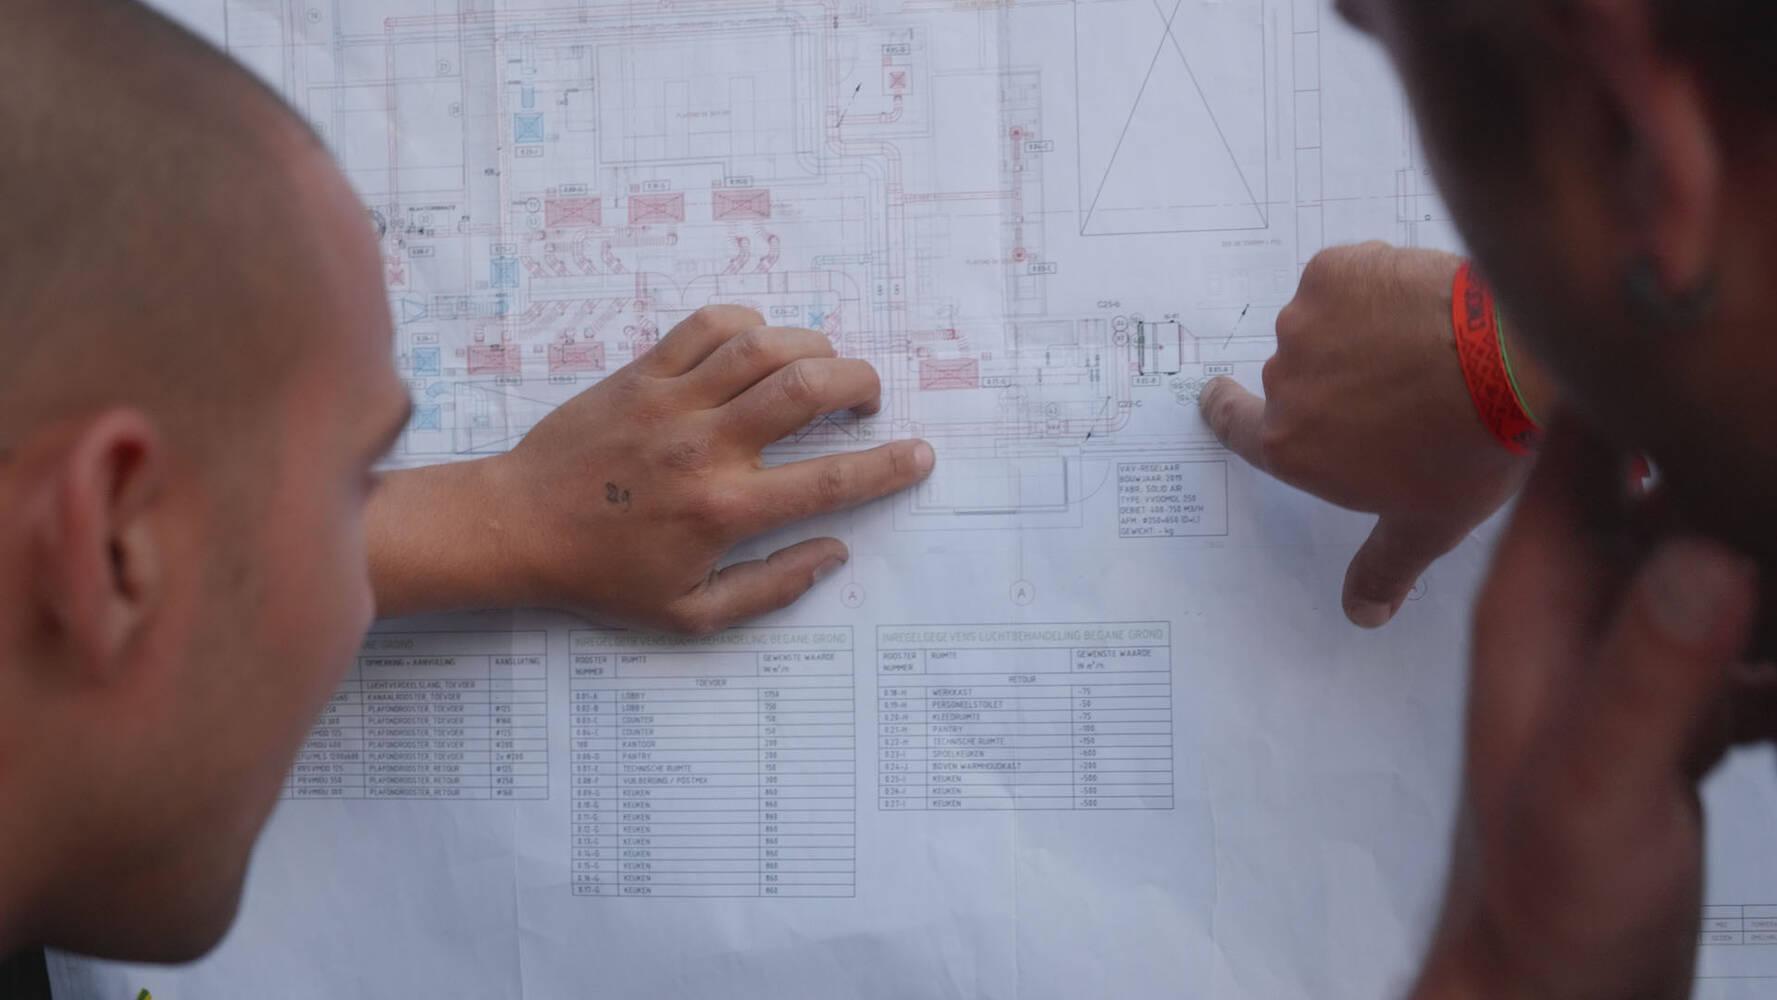 Tekenaar Engineer Werkvoorbereider